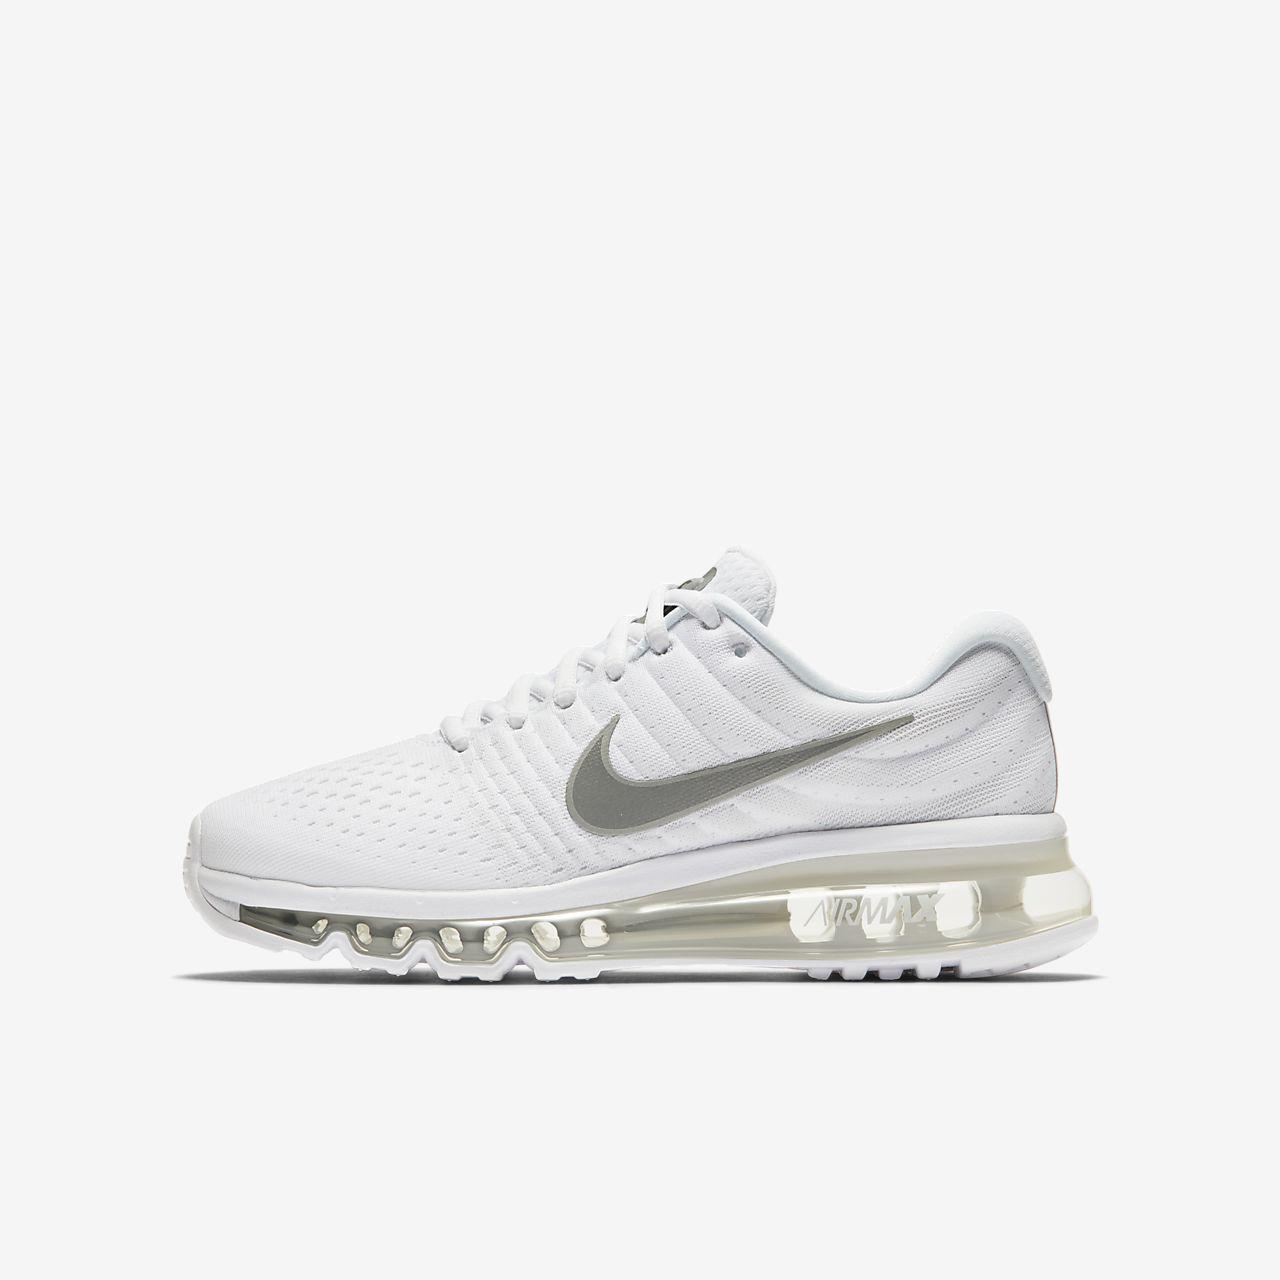 reputable site 67446 b6fd9 ... Nike Air Max 2017-sko til store børn